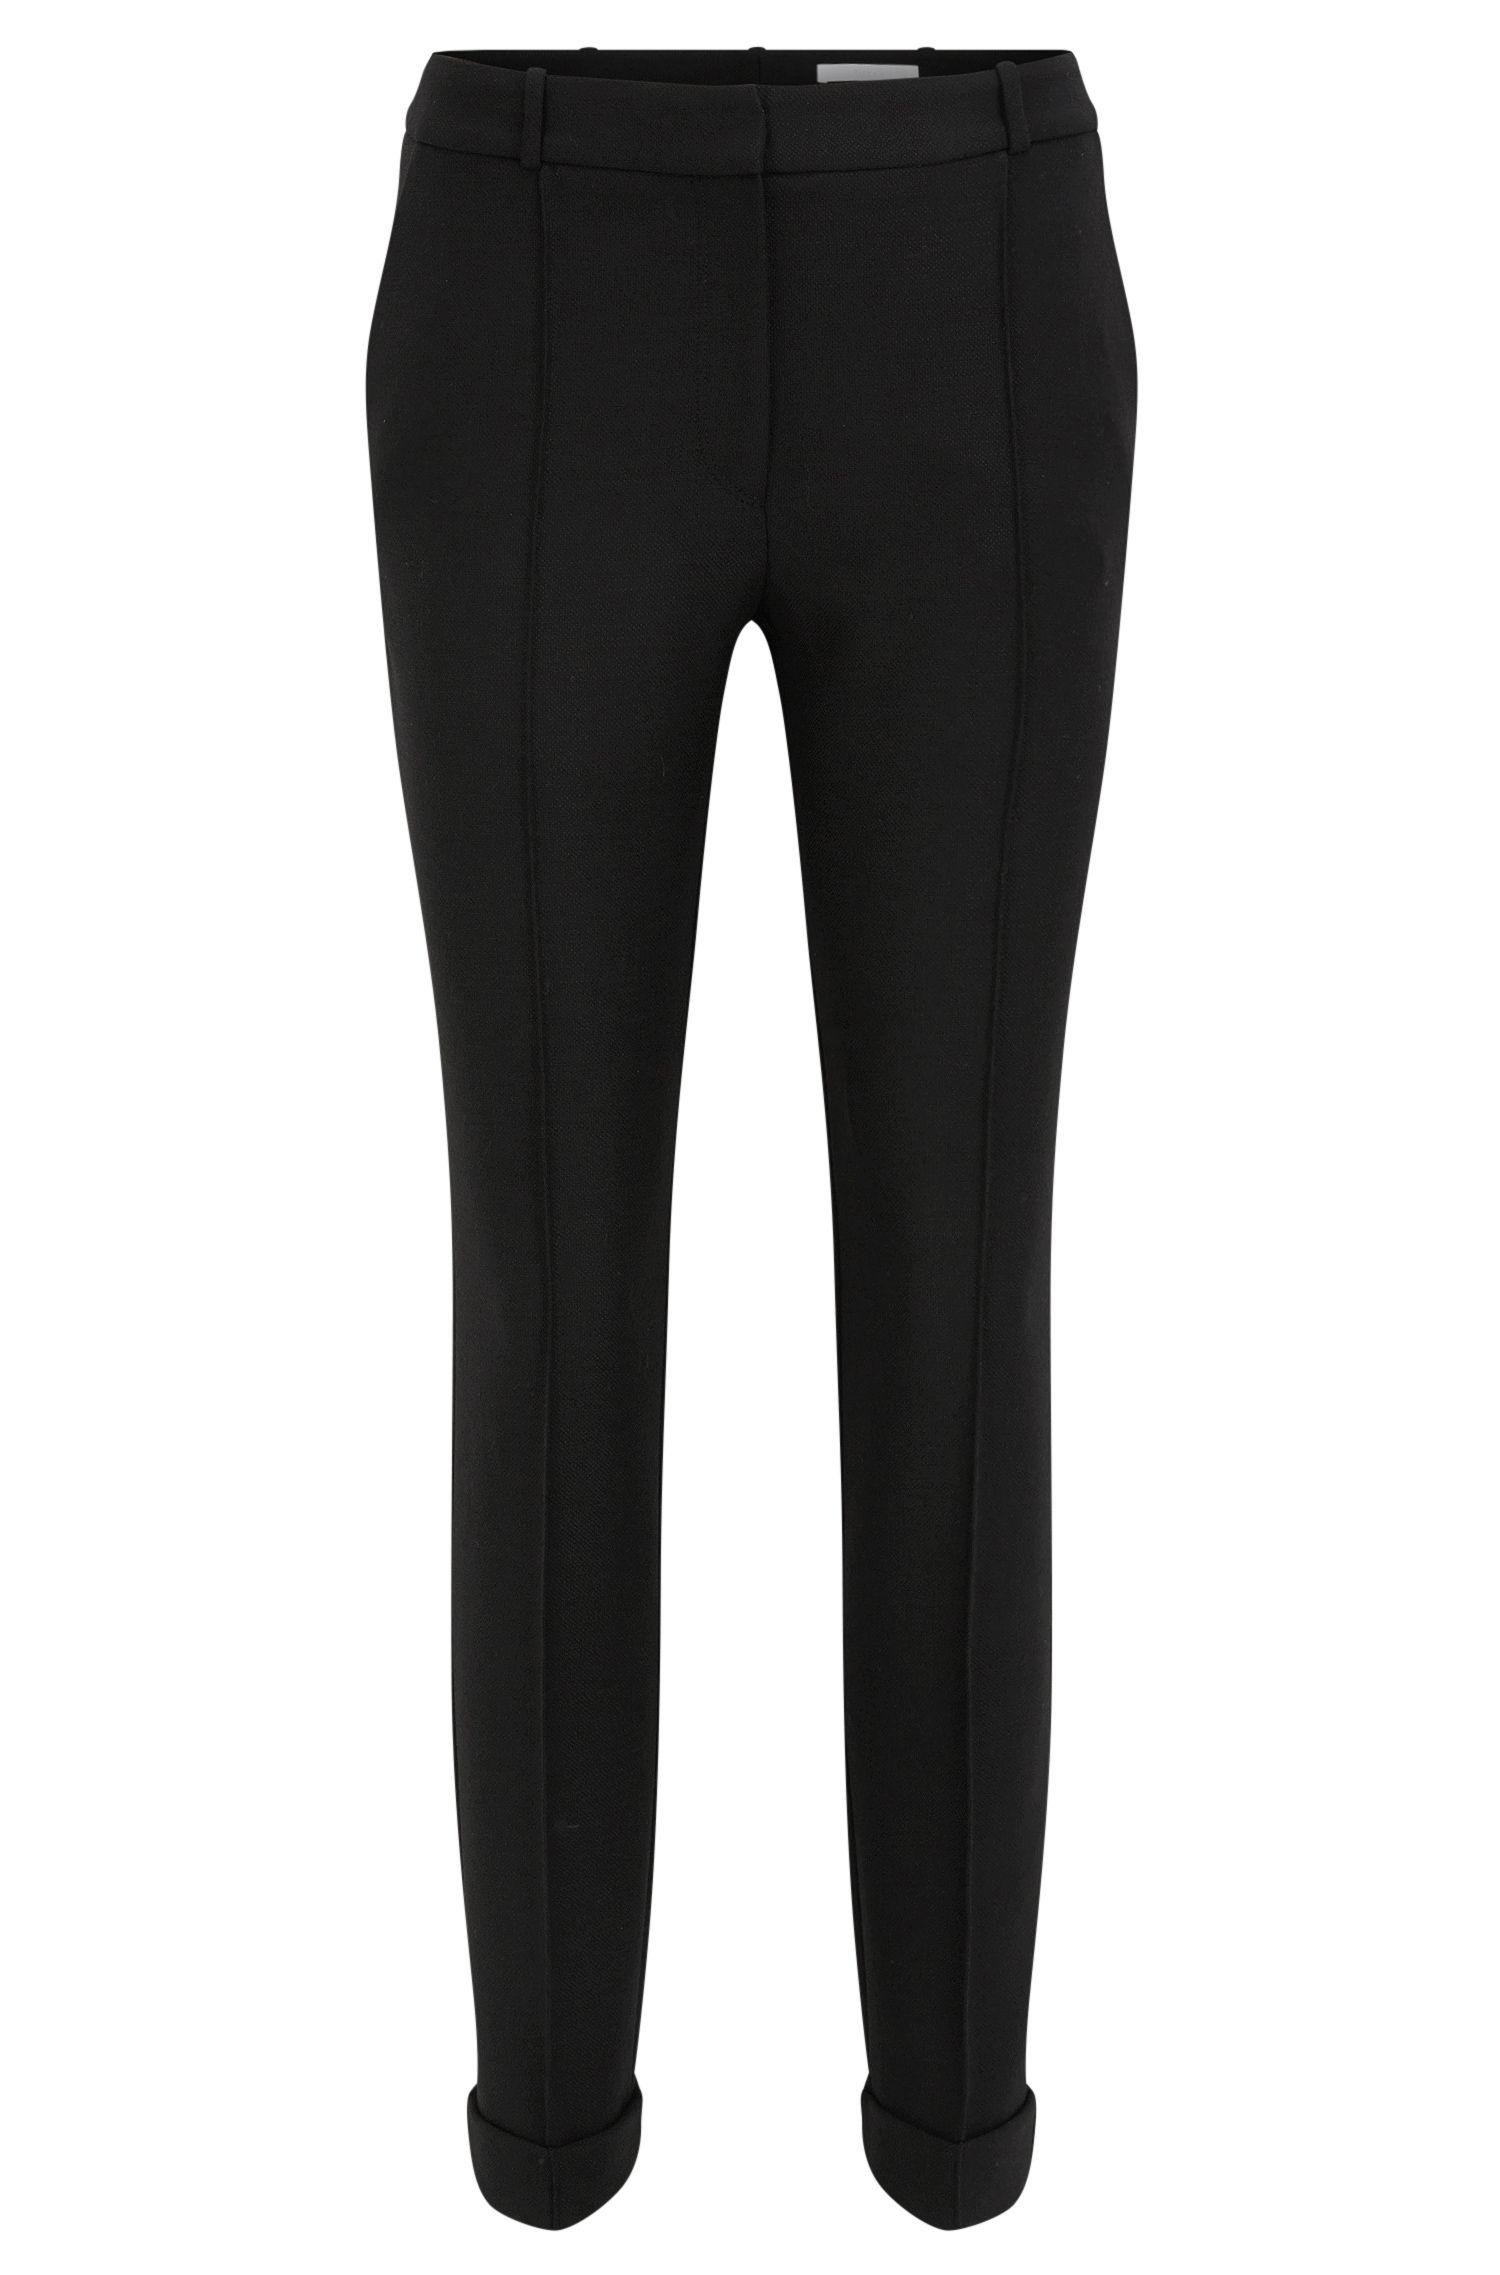 Pantalón regular fit en tejido teñido en hilo